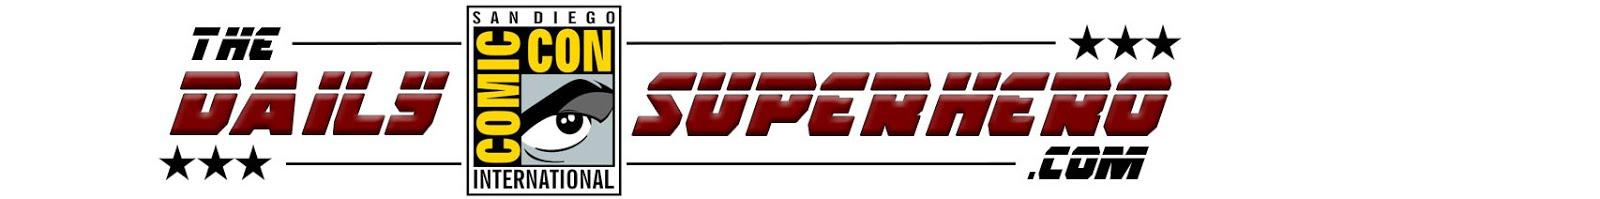 DailySuperHero.com